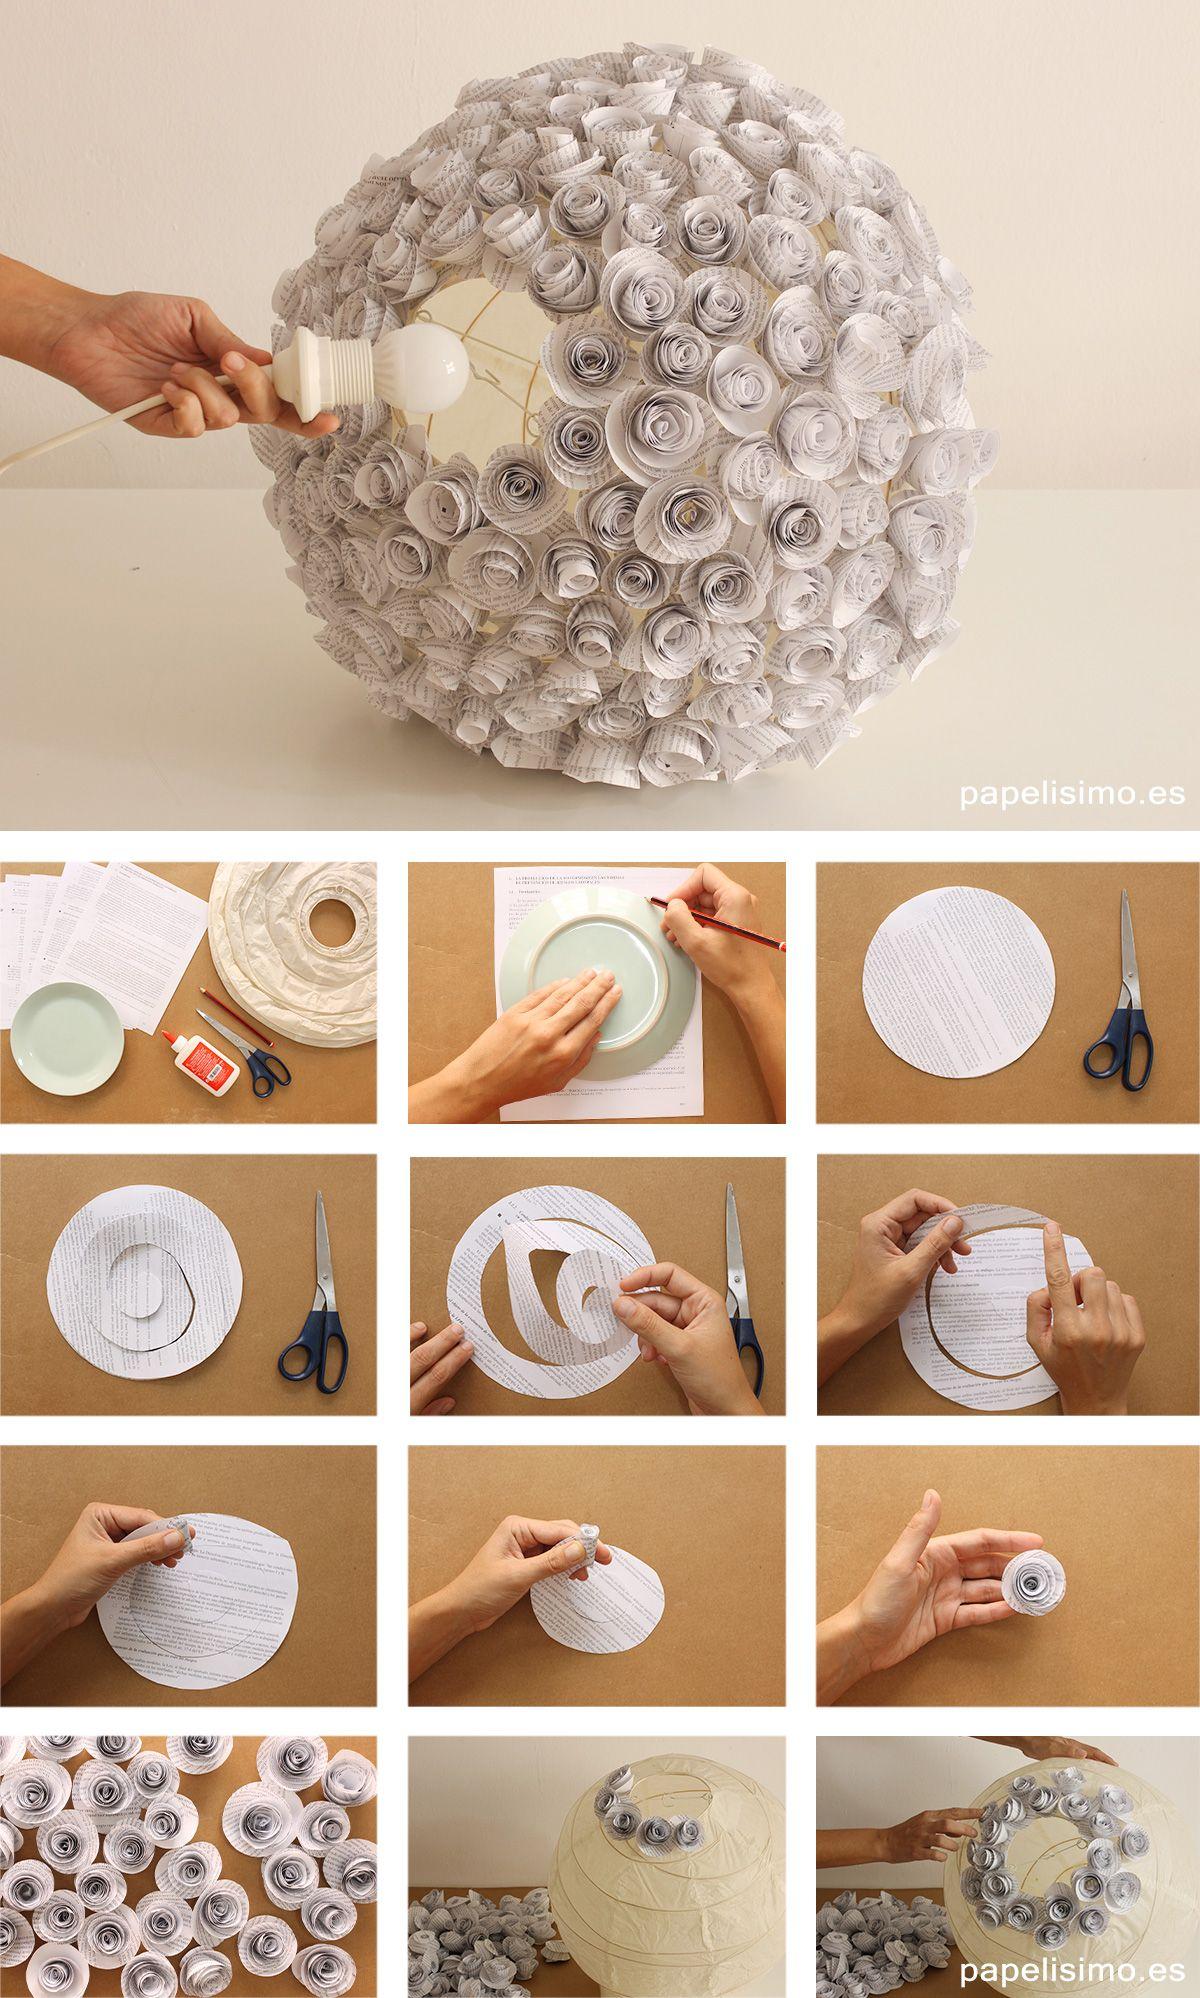 recicladas flores Cómo papel paper de de lampara lamp hacer 9IE2DYeWH